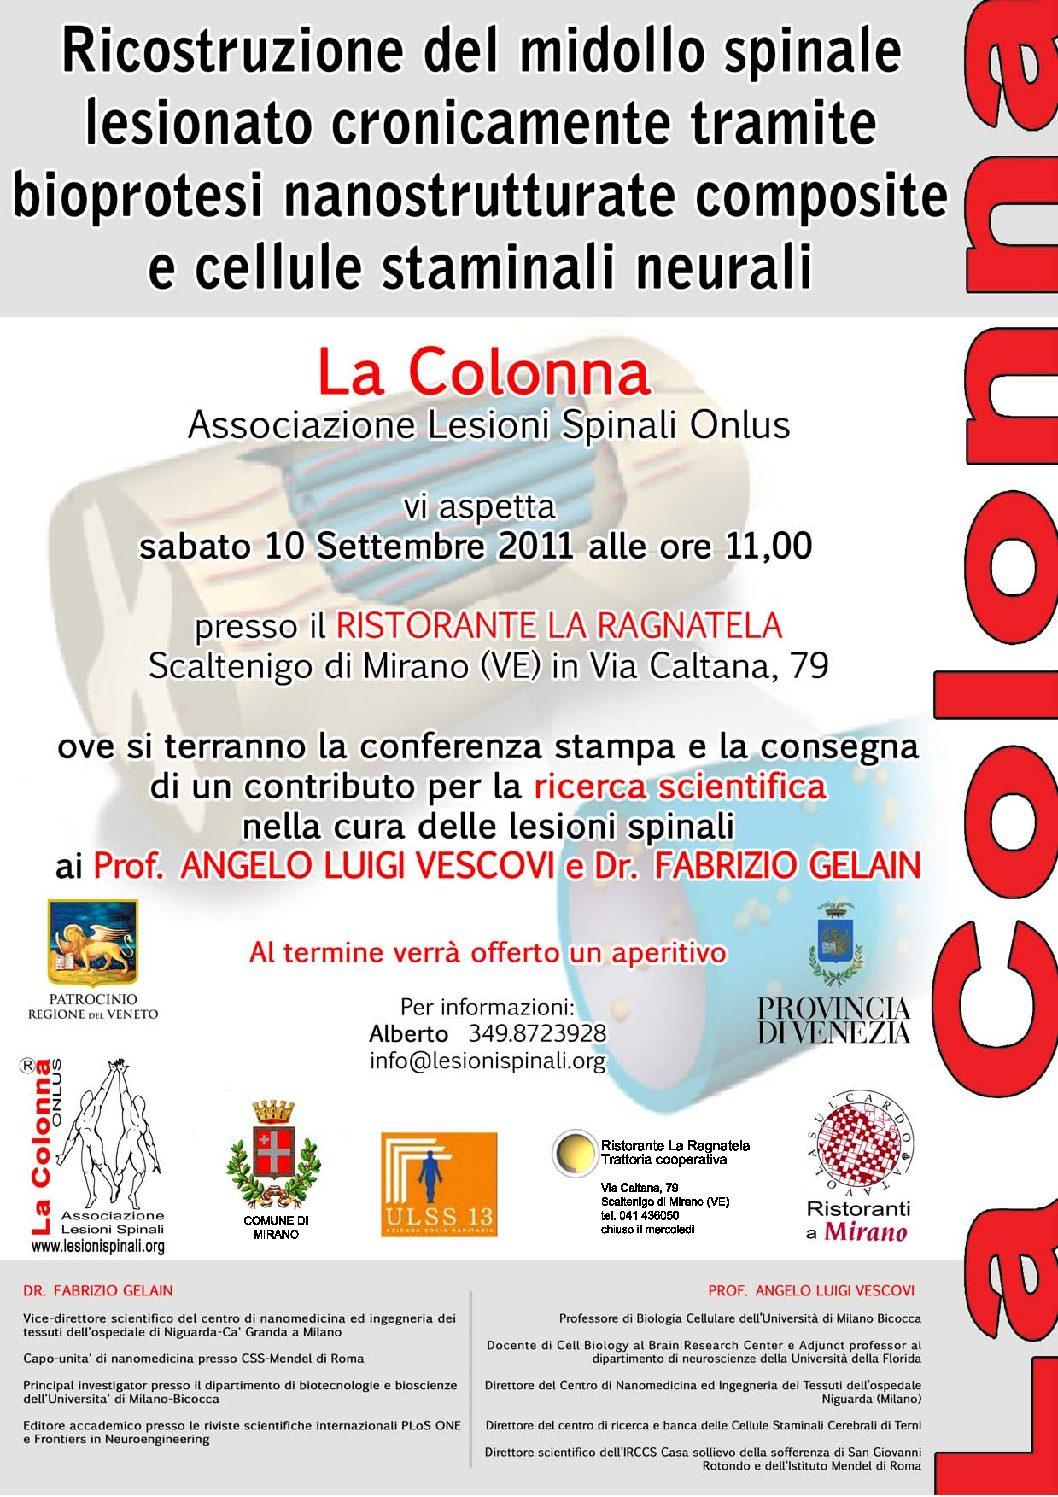 09.2011 Contributo Prof. Vescovi – nano tecnologie uni. bicocca 2011